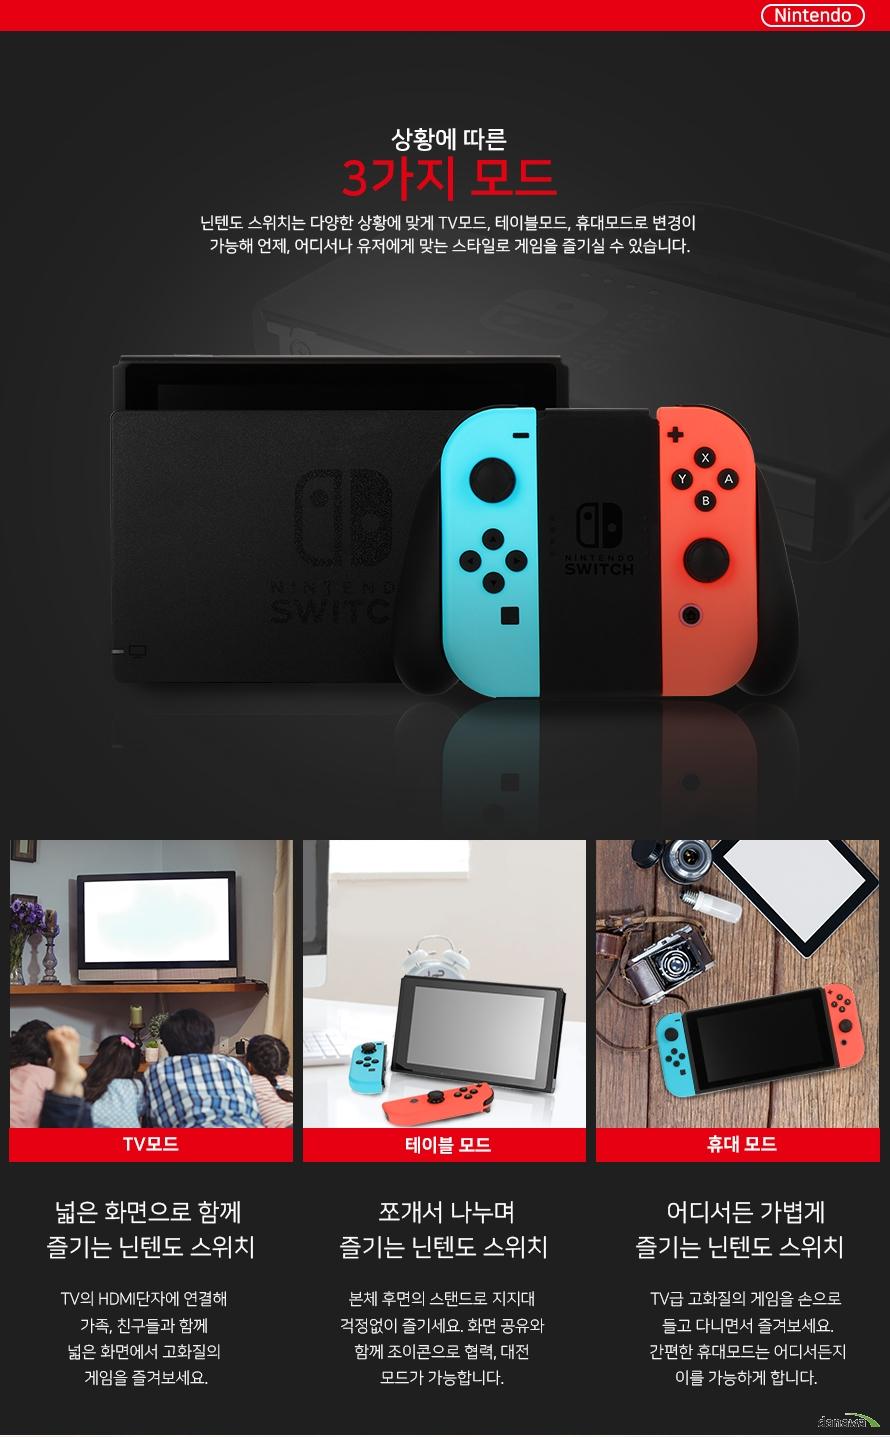 상황에 따른 3가지 모드    닌텐도 스위치는 다양한 상황에 맞게 TV모드, 테이블모드, 휴대모드로    변경이 가능해 언제, 어디서나 유저에게 맞는 스타일로 게임을 즐기길 수     있습니다.        TV모드:넓은 화면으로 함께 즐리근 닌텐도 스위치    TV의 HDMI단자에 연결해 가족, 친구들과 함께    넓은 화면에서 고화질의 게임을 즐겨보세요.        테이블 모드:쪼개서 나누며 즐기는 닌텐도 스위치    본체 후면의 스탠드로 지지대 걱정없이 즐기세요.    화면 공유와 함께 조이콘으로 협력, 대전 모드가     가능합니다.        휴대모드:어디서든 가볍게 즐기는 닌텐도 스위치    TV급 고화질의 게임을 손으로 들고 다미녀서    즐겨보세요. 간편한 휴대모드는 어디서든지 이를     가능하게 합니다.